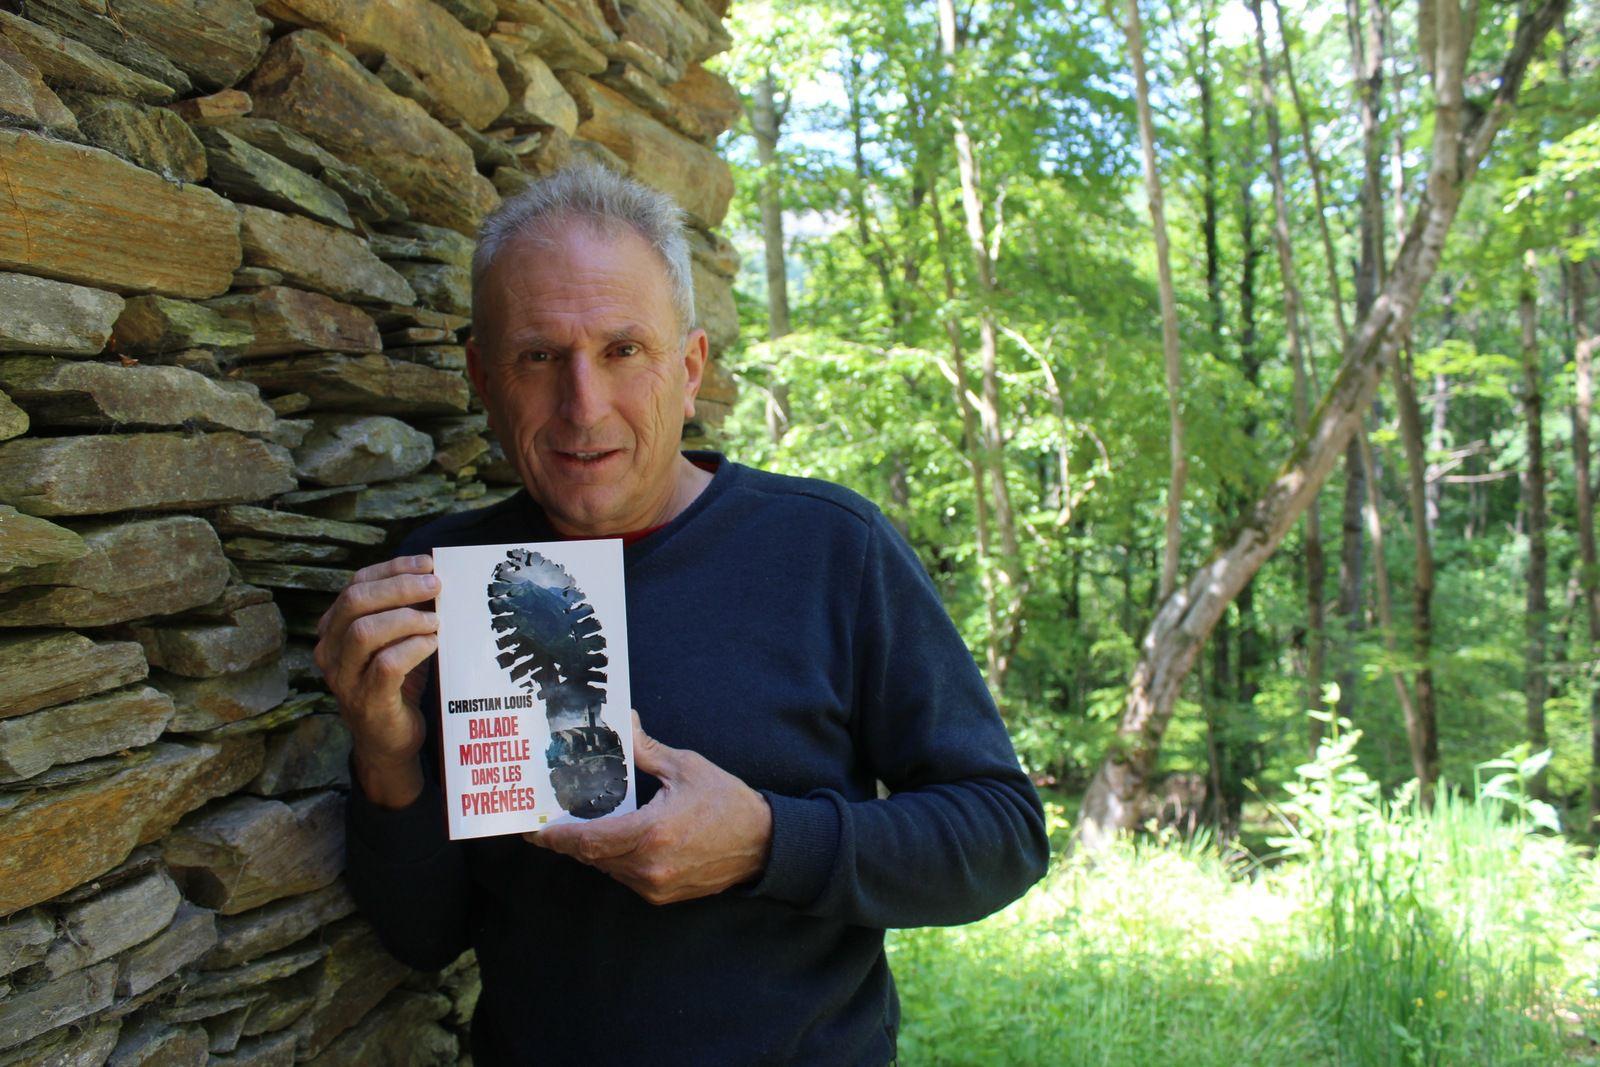 Christian Louis en dédicace à Gourdan-Polignan : entretien avec l'auteur Commingeois